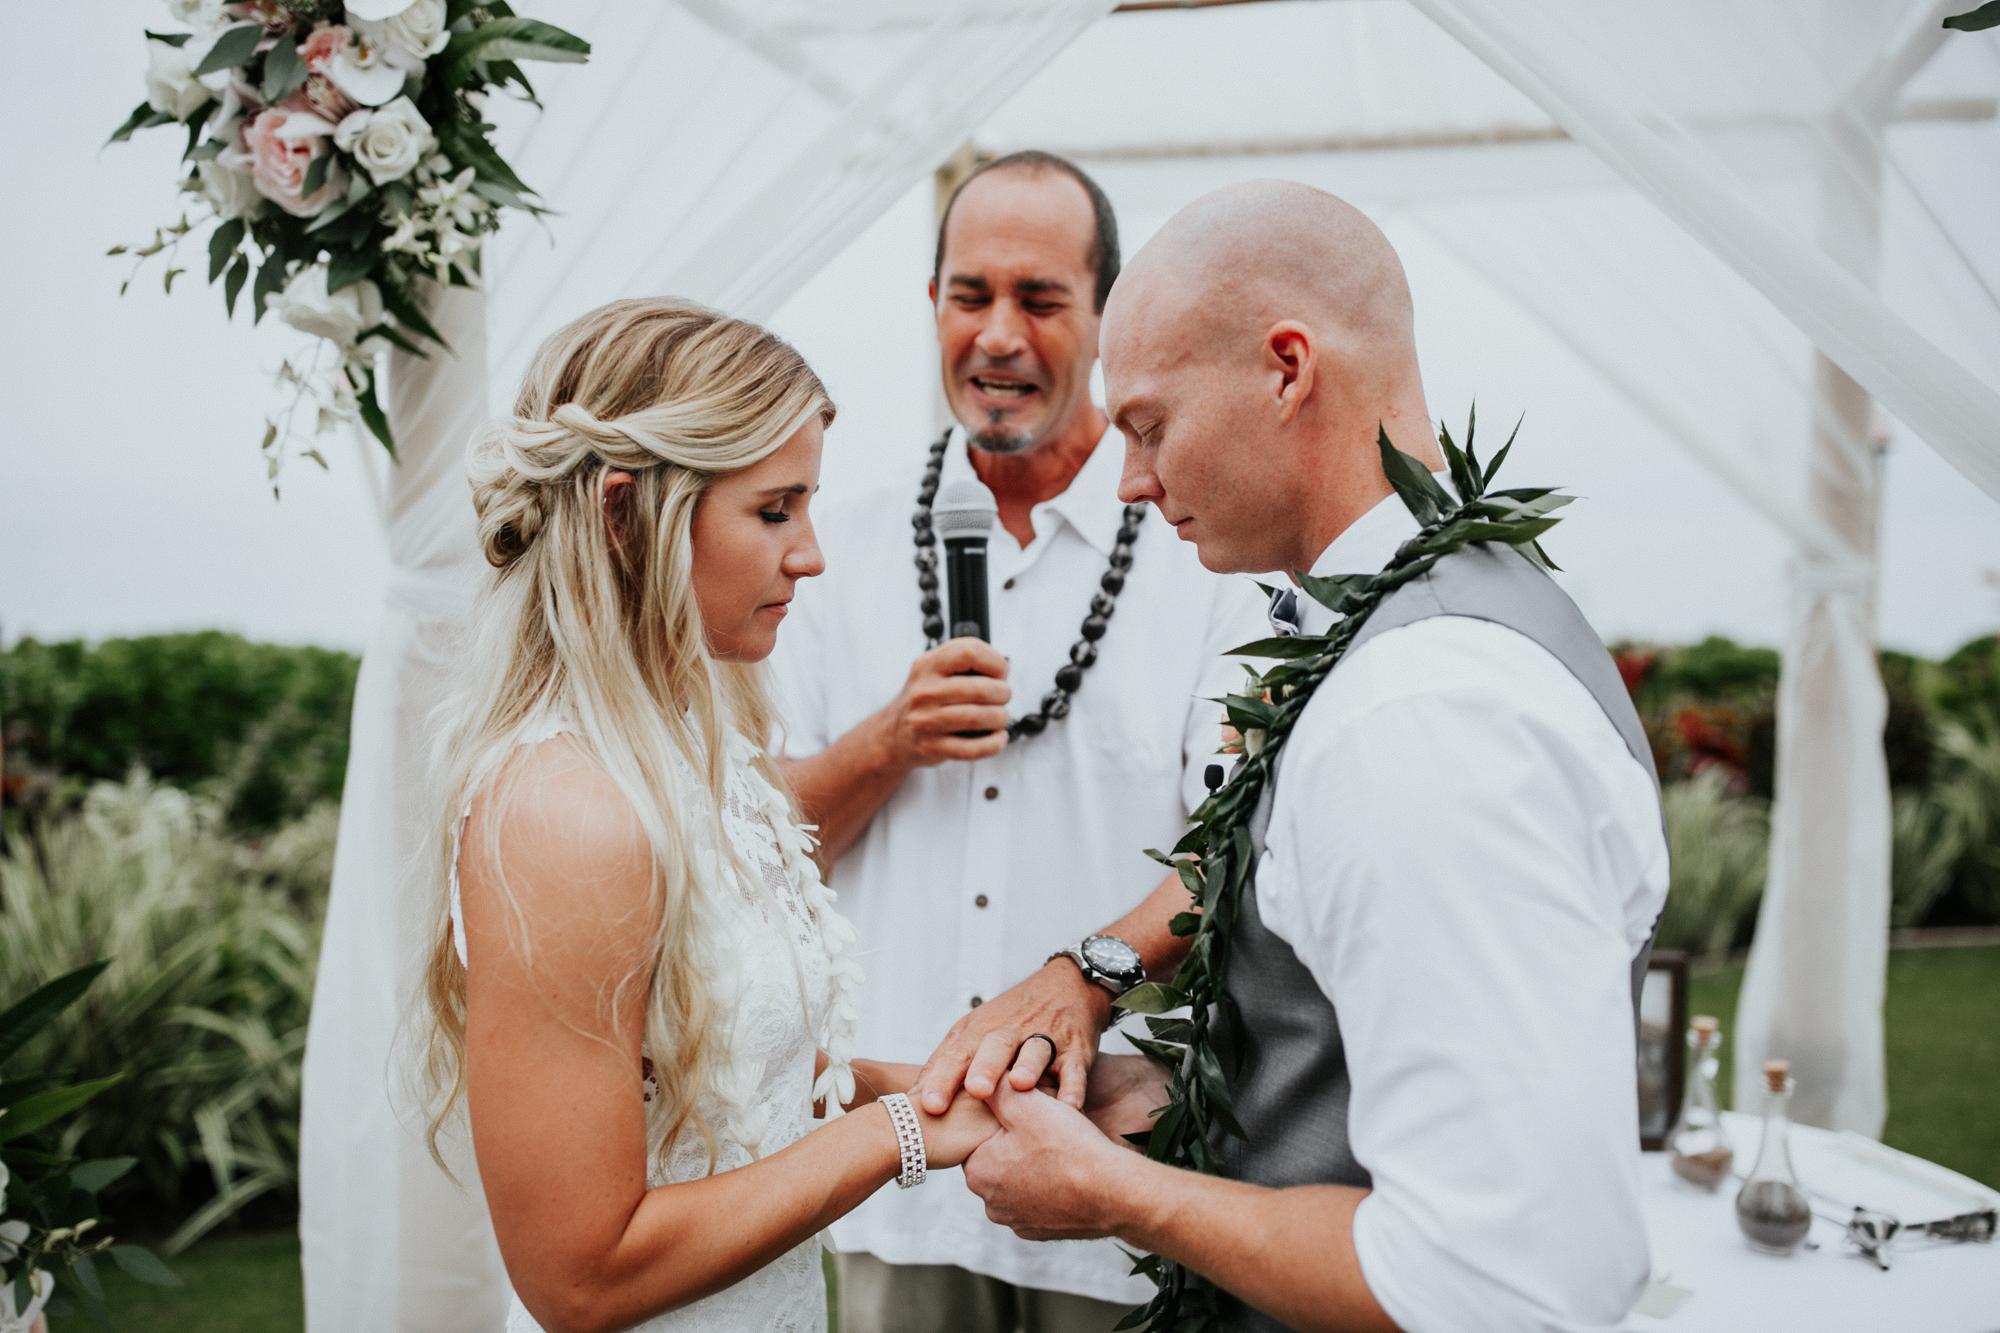 destination-wedding-photographer-hawaii-maui-elopement-77.jpg